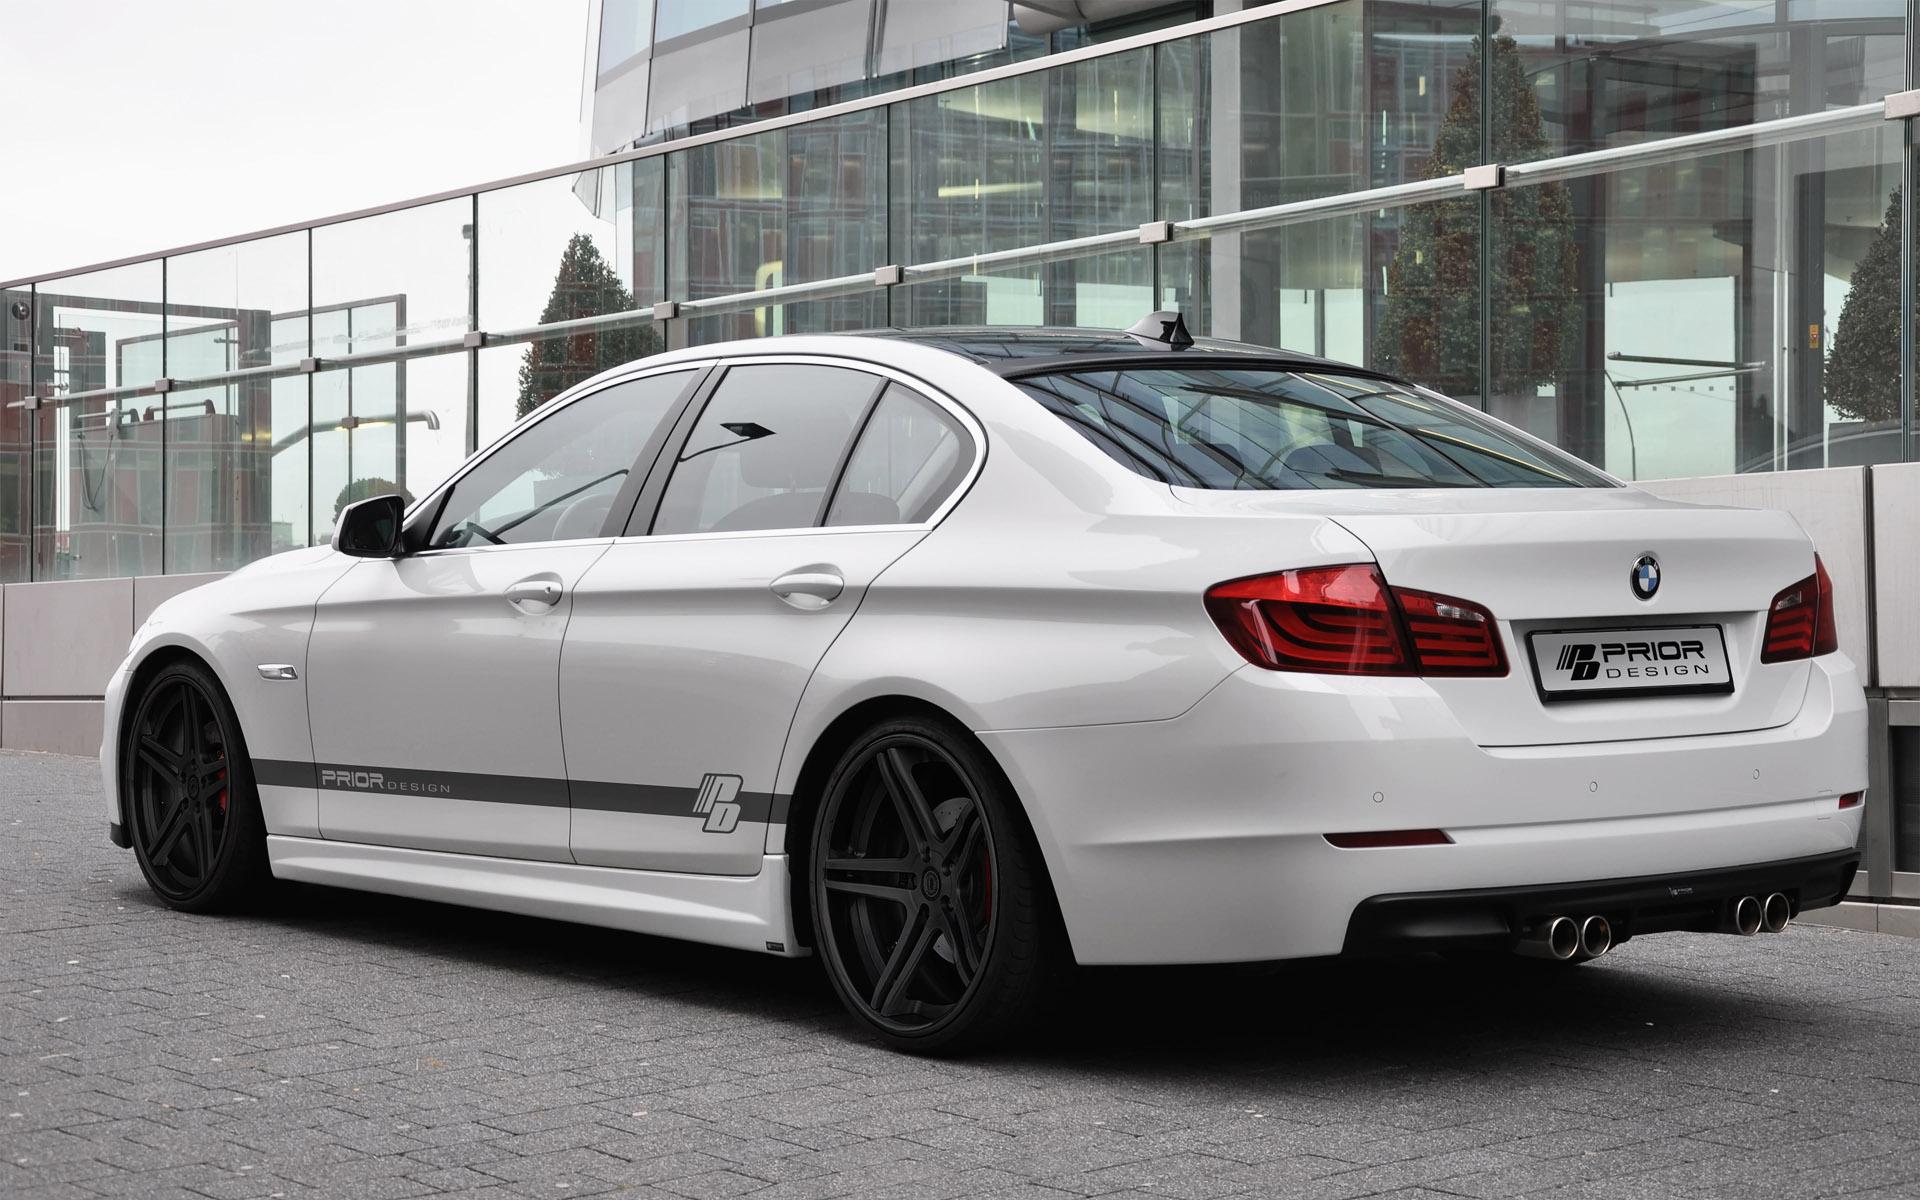 http://www.automobilesreview.com/img/2012-prior-design-bmw-5-series-f10-pd-r/prior-design-5-series-f10-pd-r-05.jpg